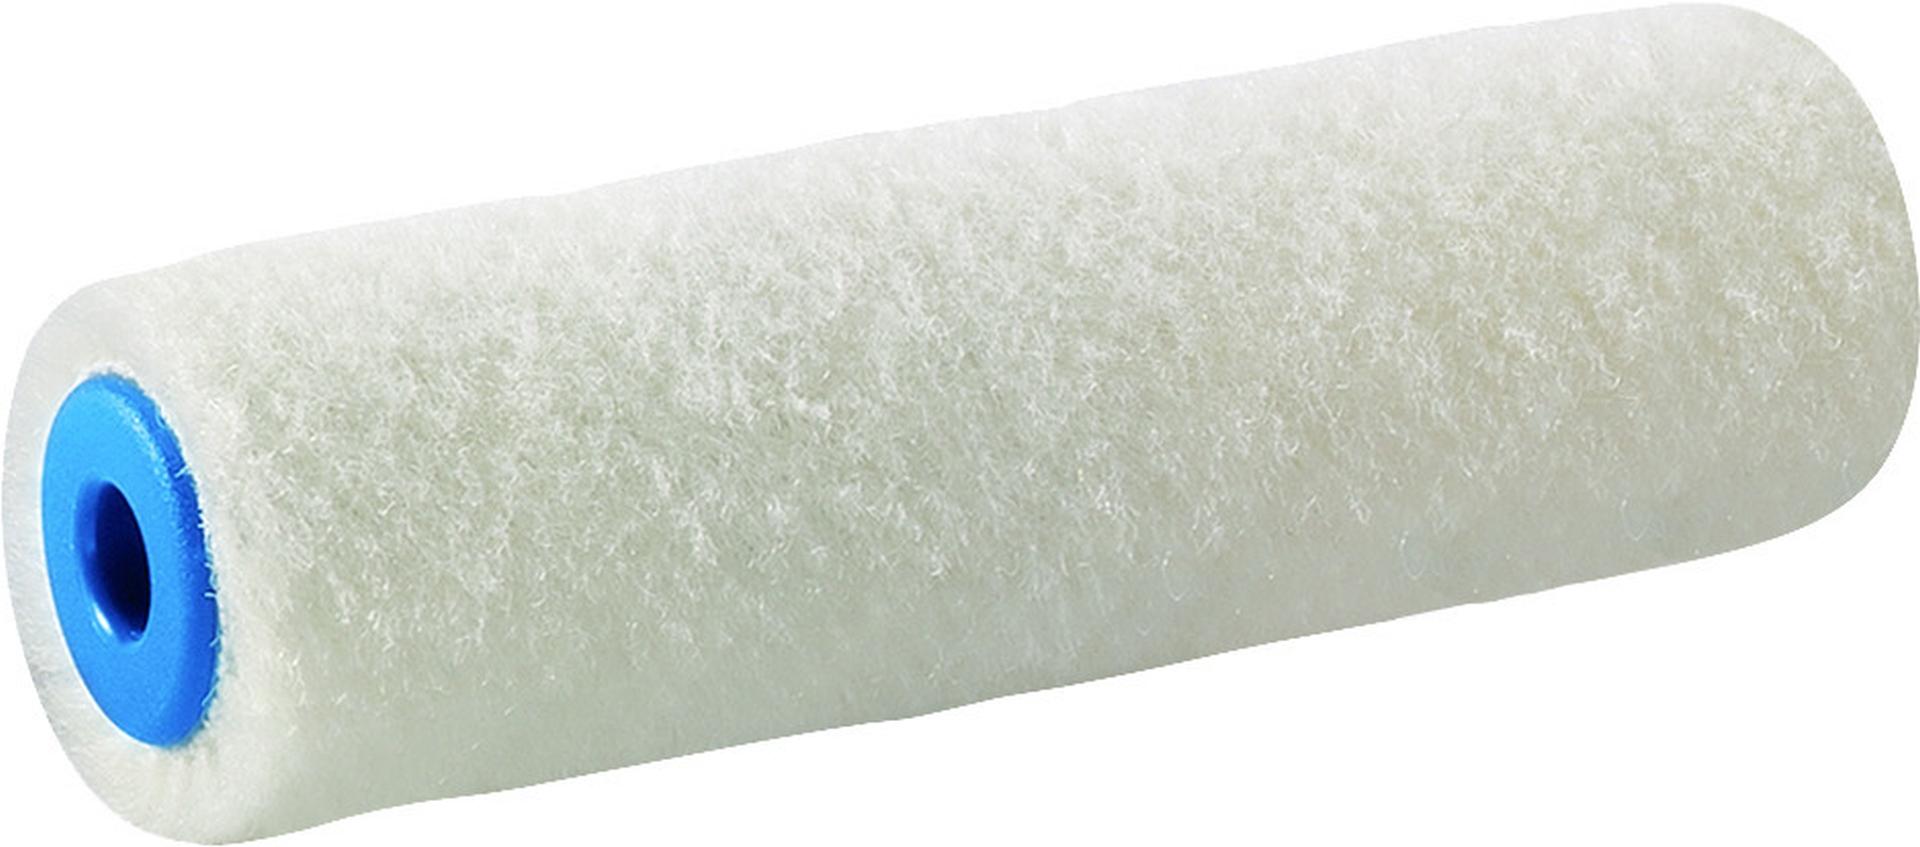 STORCH Walze, 10 cm, K16, Velours4, Beige im 10er Pack